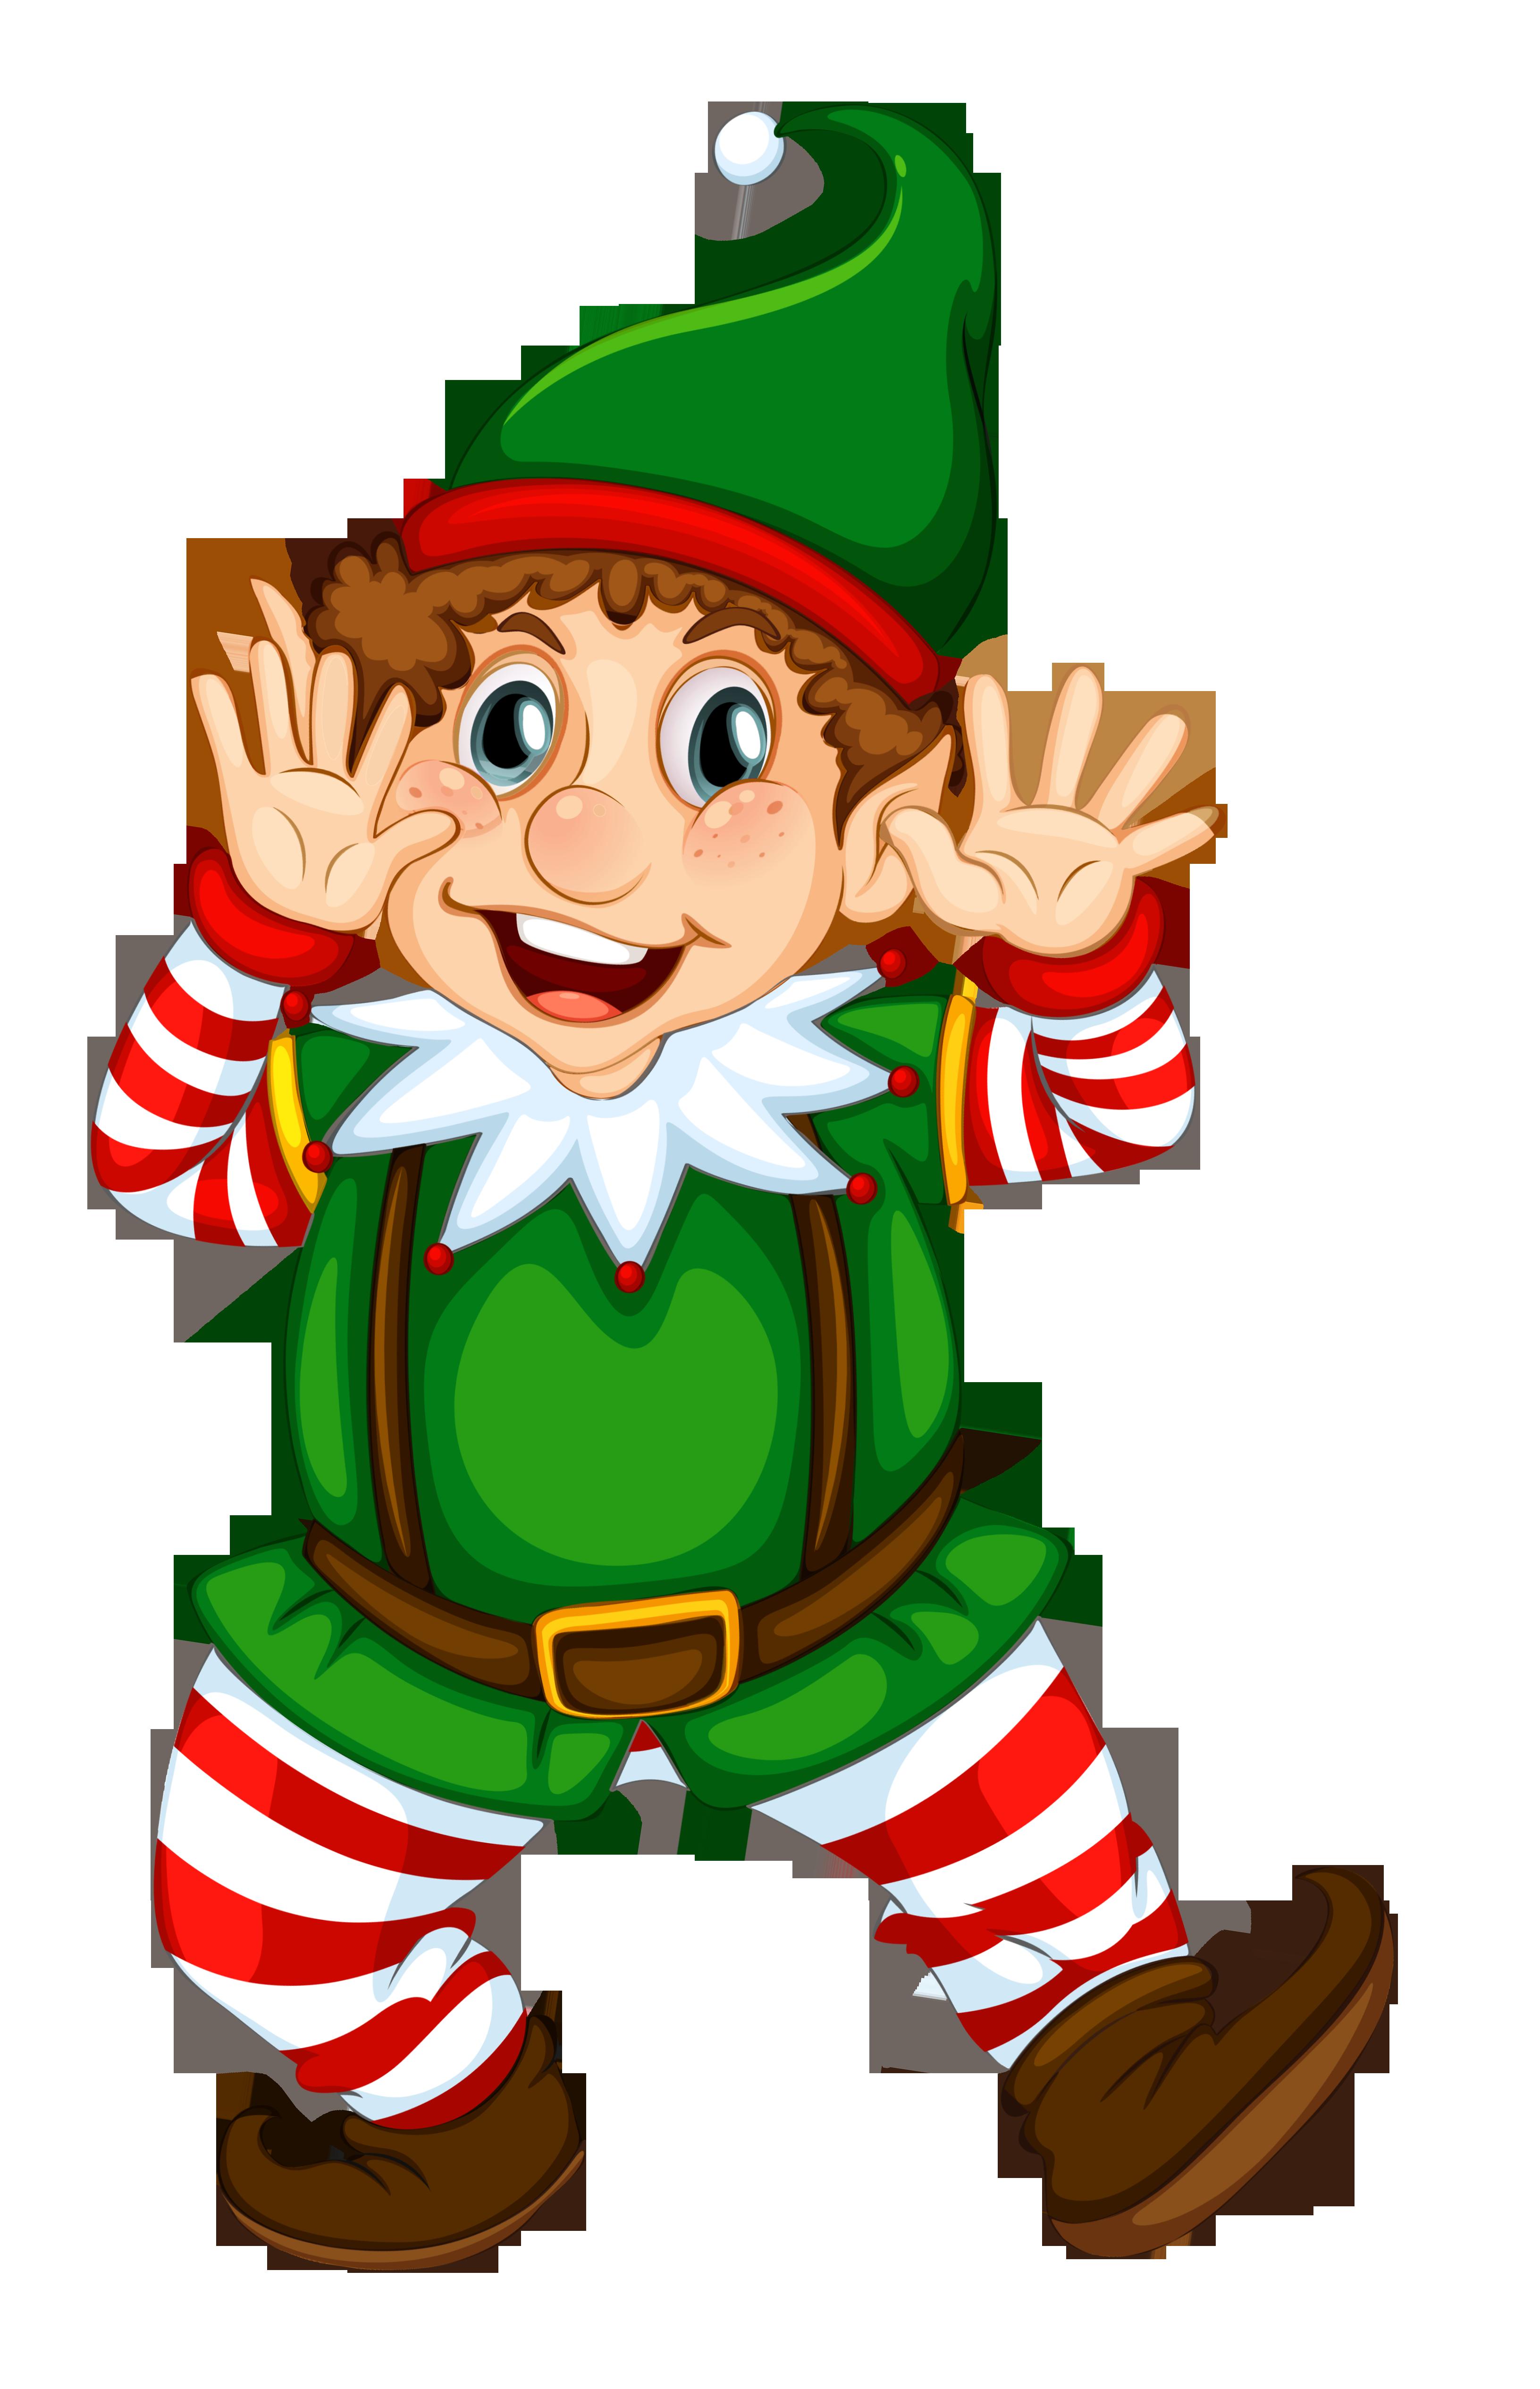 Transparent Christmas Elf.